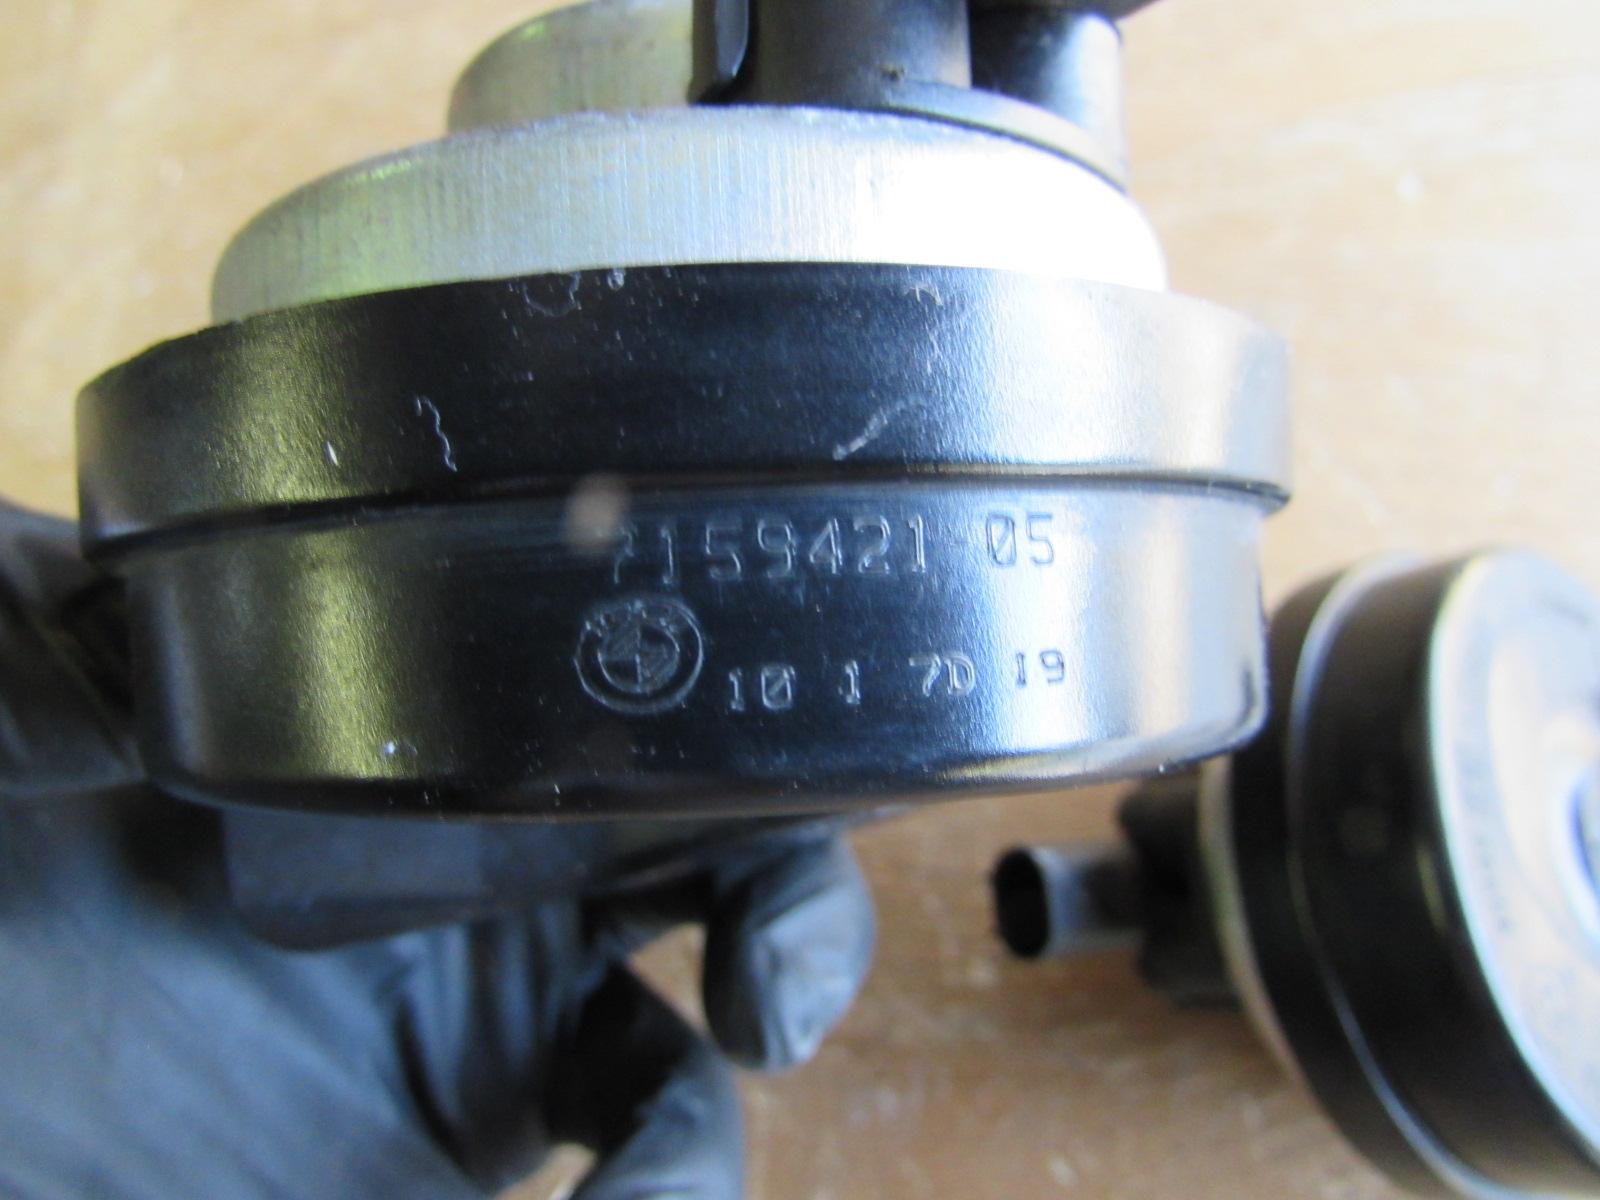 Bmw Horns Pair High And Low Pitch 61337159421 E90 E84 E70 323i 325i Horn Location 328i